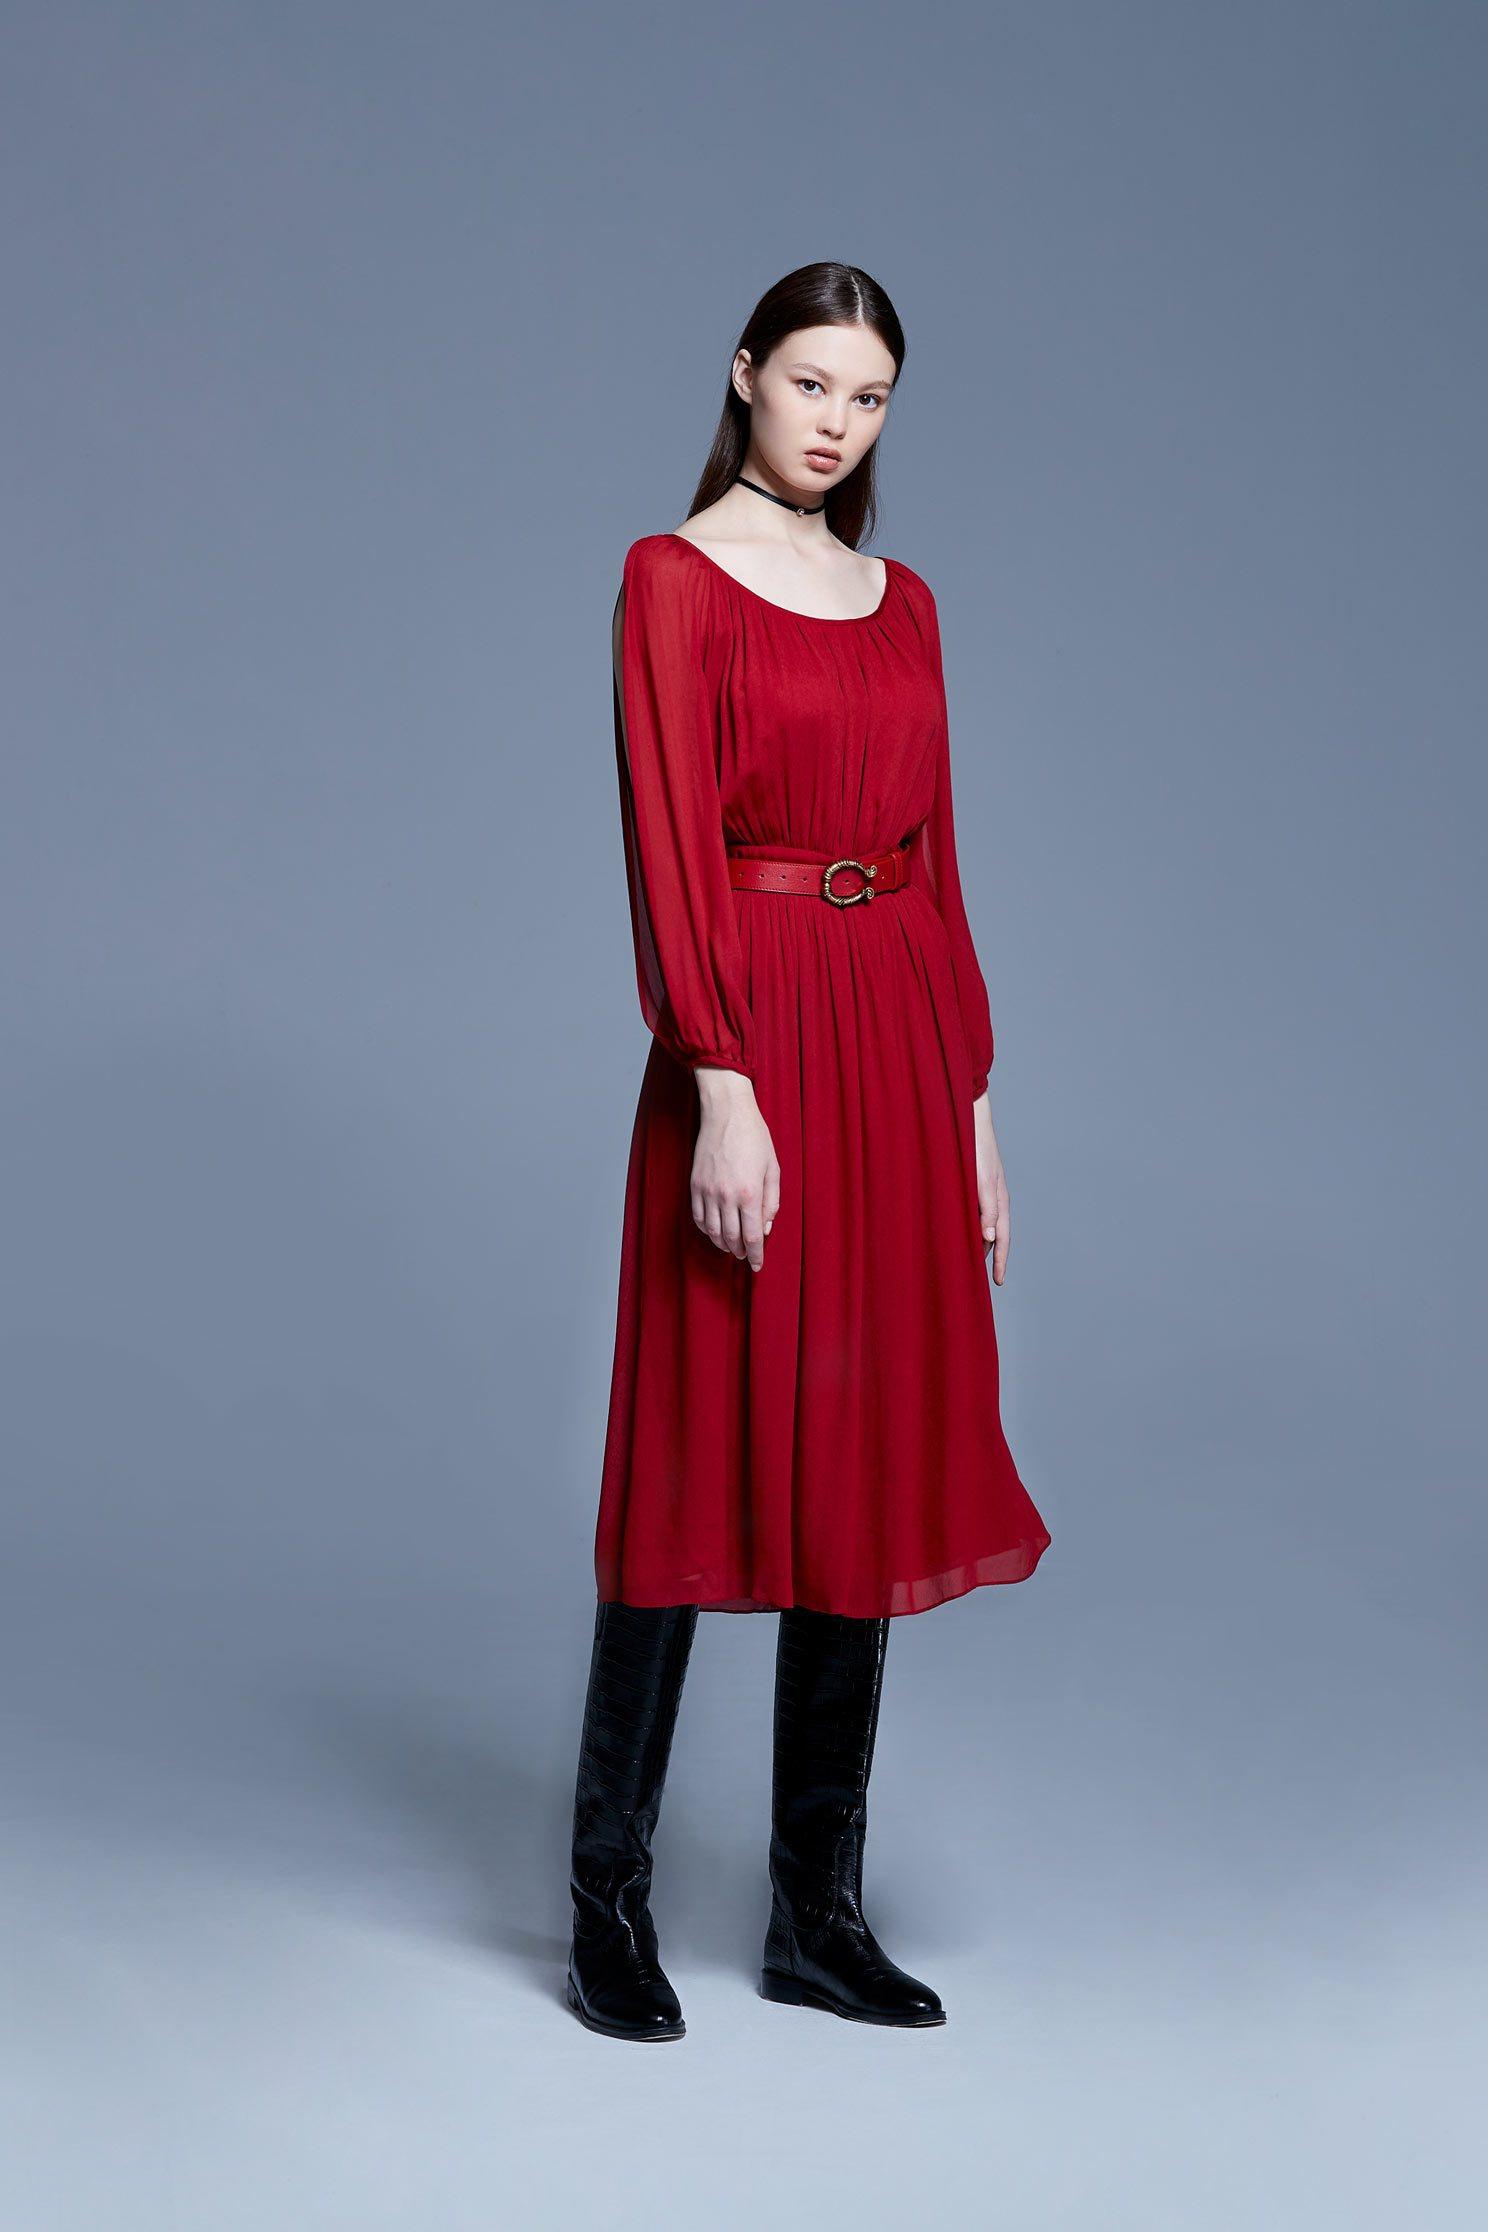 Velvet-like chiffon dress,U-neck dress,Dress,Cocktail Dress,透膚洋裝,長袖洋裝,Chiffon,Chiffon Dress